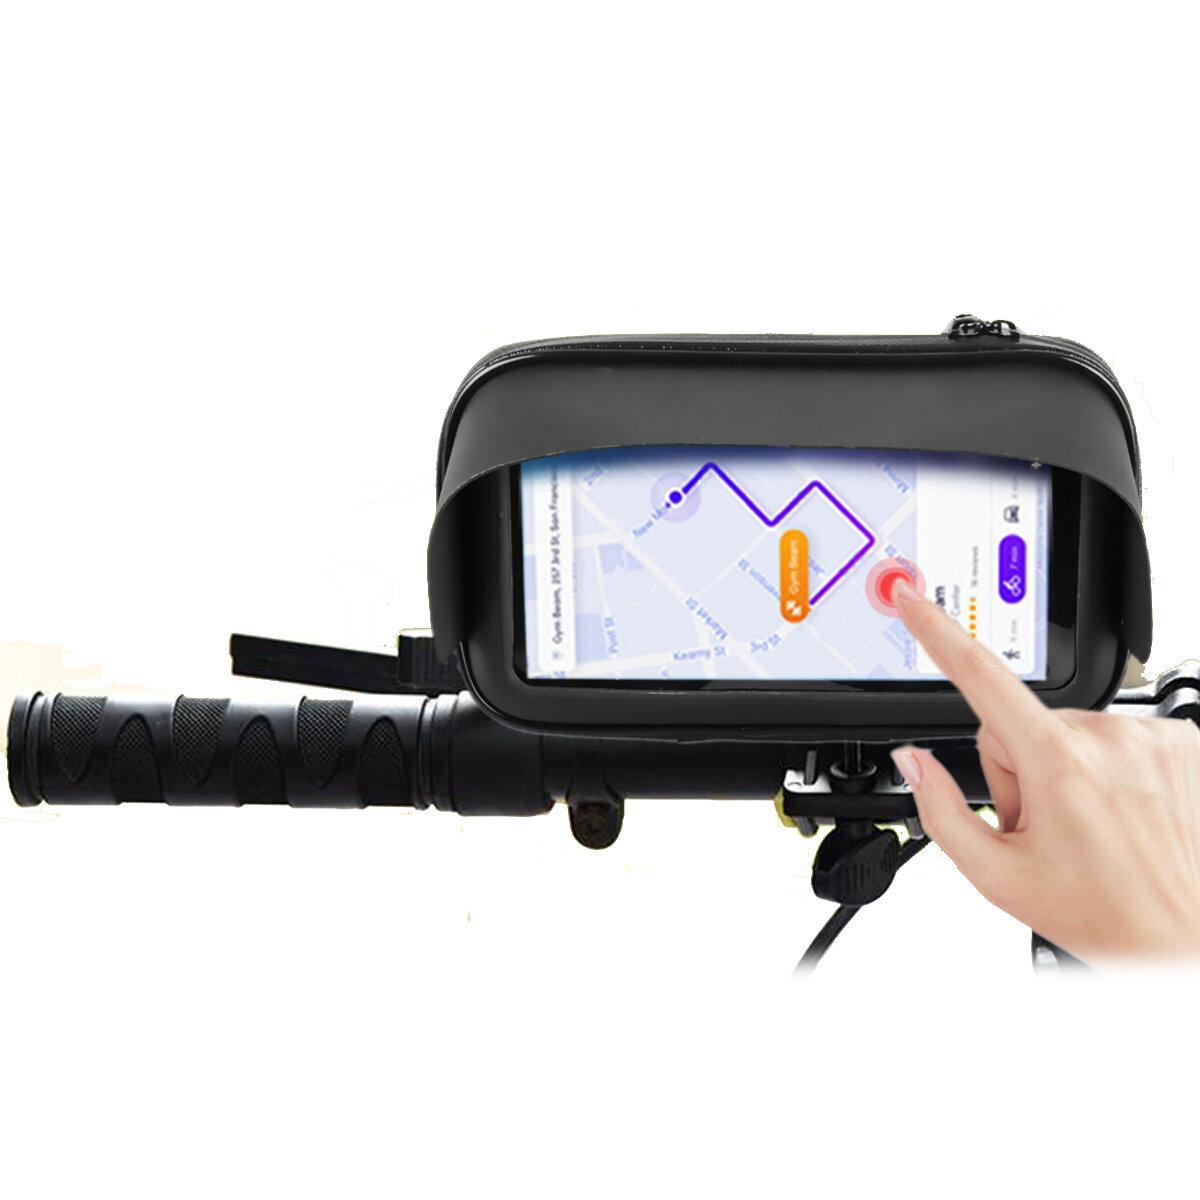 BIKIGHT 6.3 `` Impermeable Moto Teléfono celular de bicicleta / GPS Soporte Caso Bolsa Soporte para manillar Teléfono in